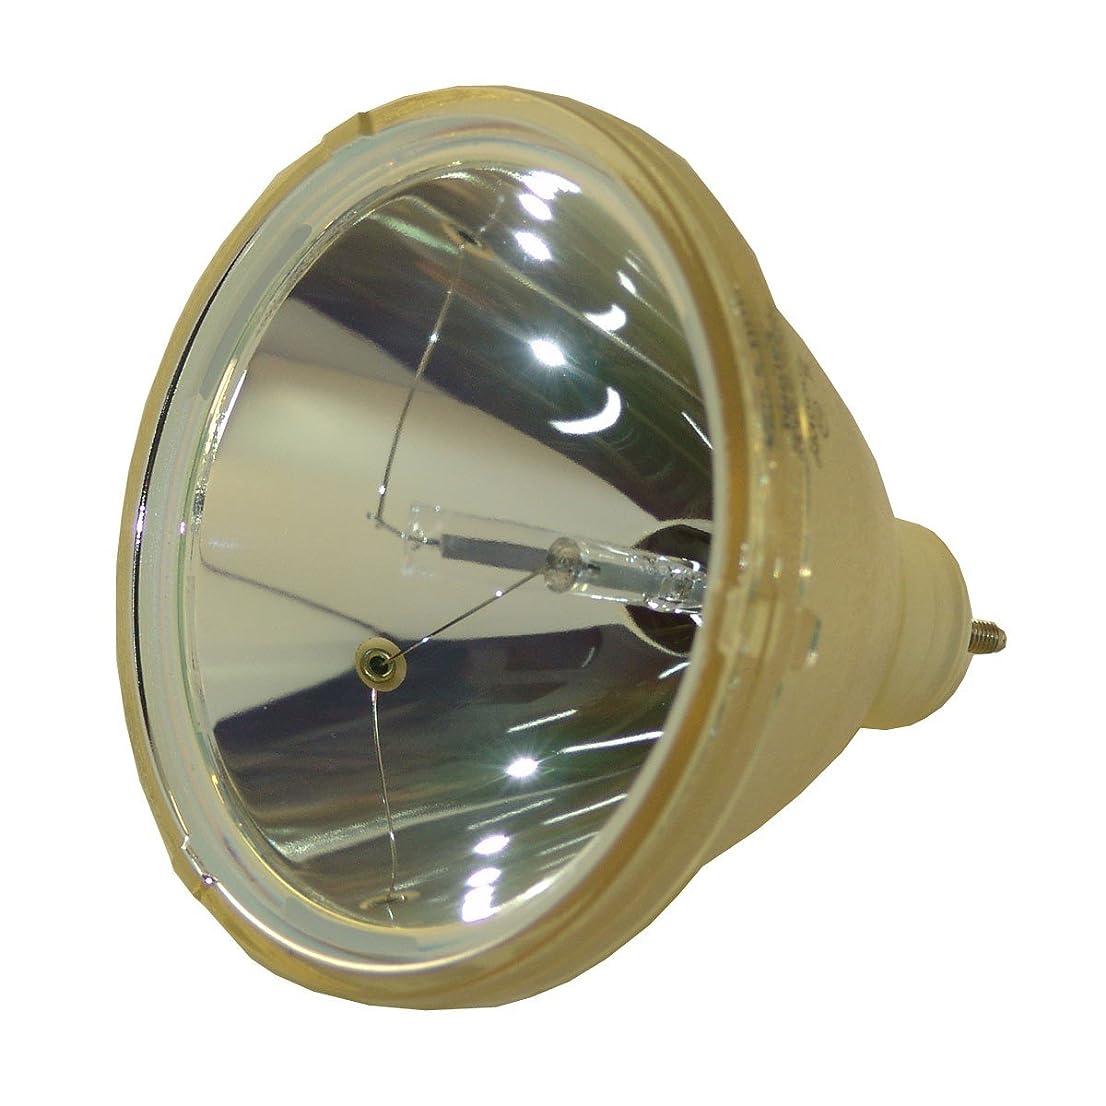 けがをする信じるうれしいPureglare Projector Lamp POA-LMP24 / 610 282 2755 / LV-LP06 / LAMP-016 for BOXLIGHT CP-36T, CP-37T, MP-36T, MP-37T, MP-38T / CANON LV-7525, LV-7525E, LV-7535, LV-7535U / EIKI LC-X983, LC-X983A, LC-X983AL, LC-X984, LC-X984A, LC-X990, LC-X990A, LC-X999, LC-X999A by Pureglare